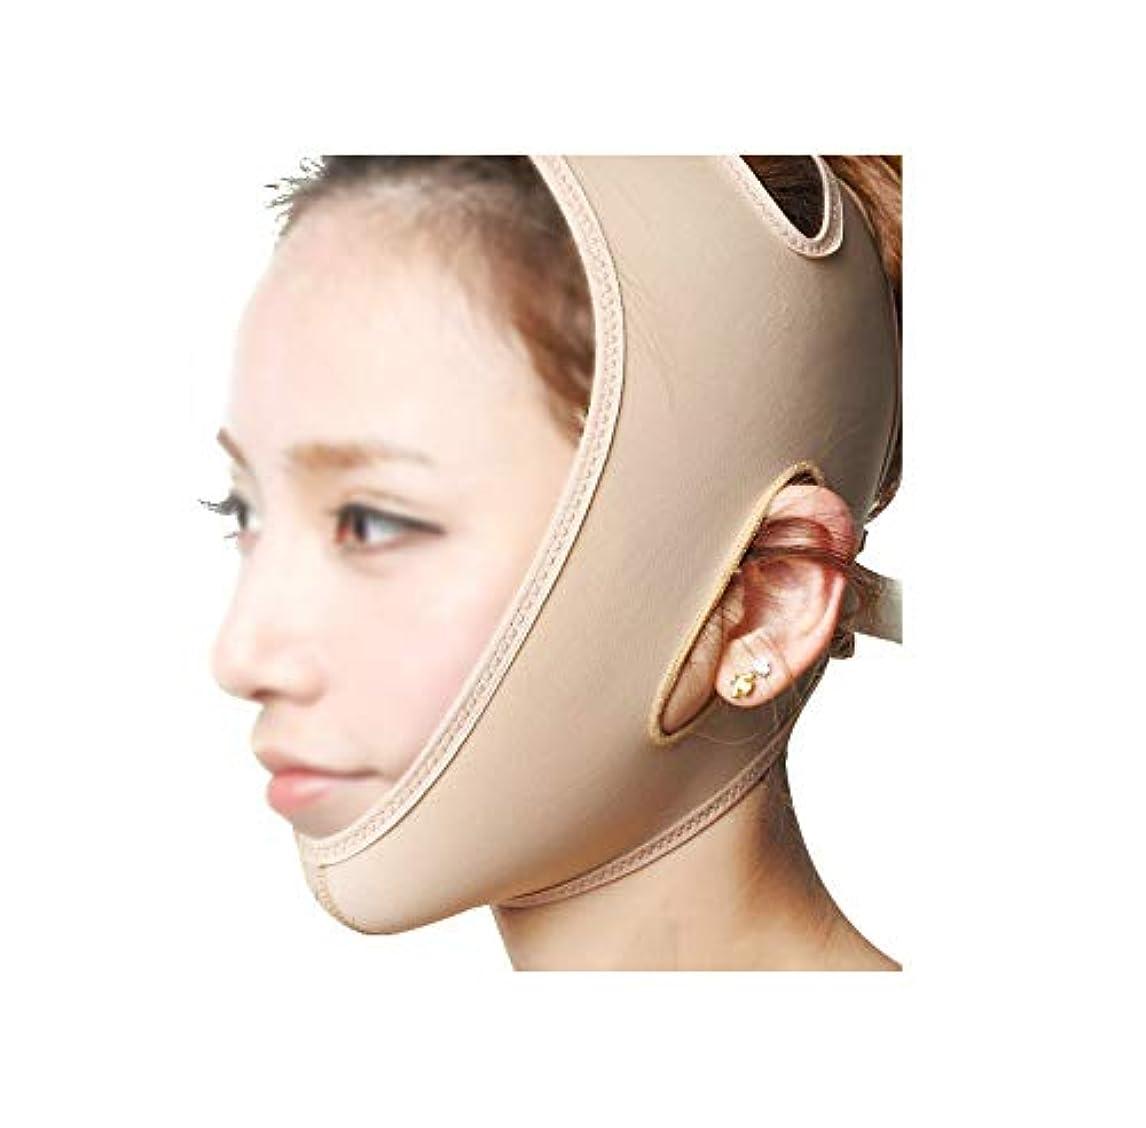 注入助けて巨大LJK フェイスリフティングバンデージ、フェイスマスク3Dパネルデザイン、通気性のある非通気性、高弾性ライクラ生地フィジカルVフェイス、美しい顔の輪郭の作成 (Size : S)